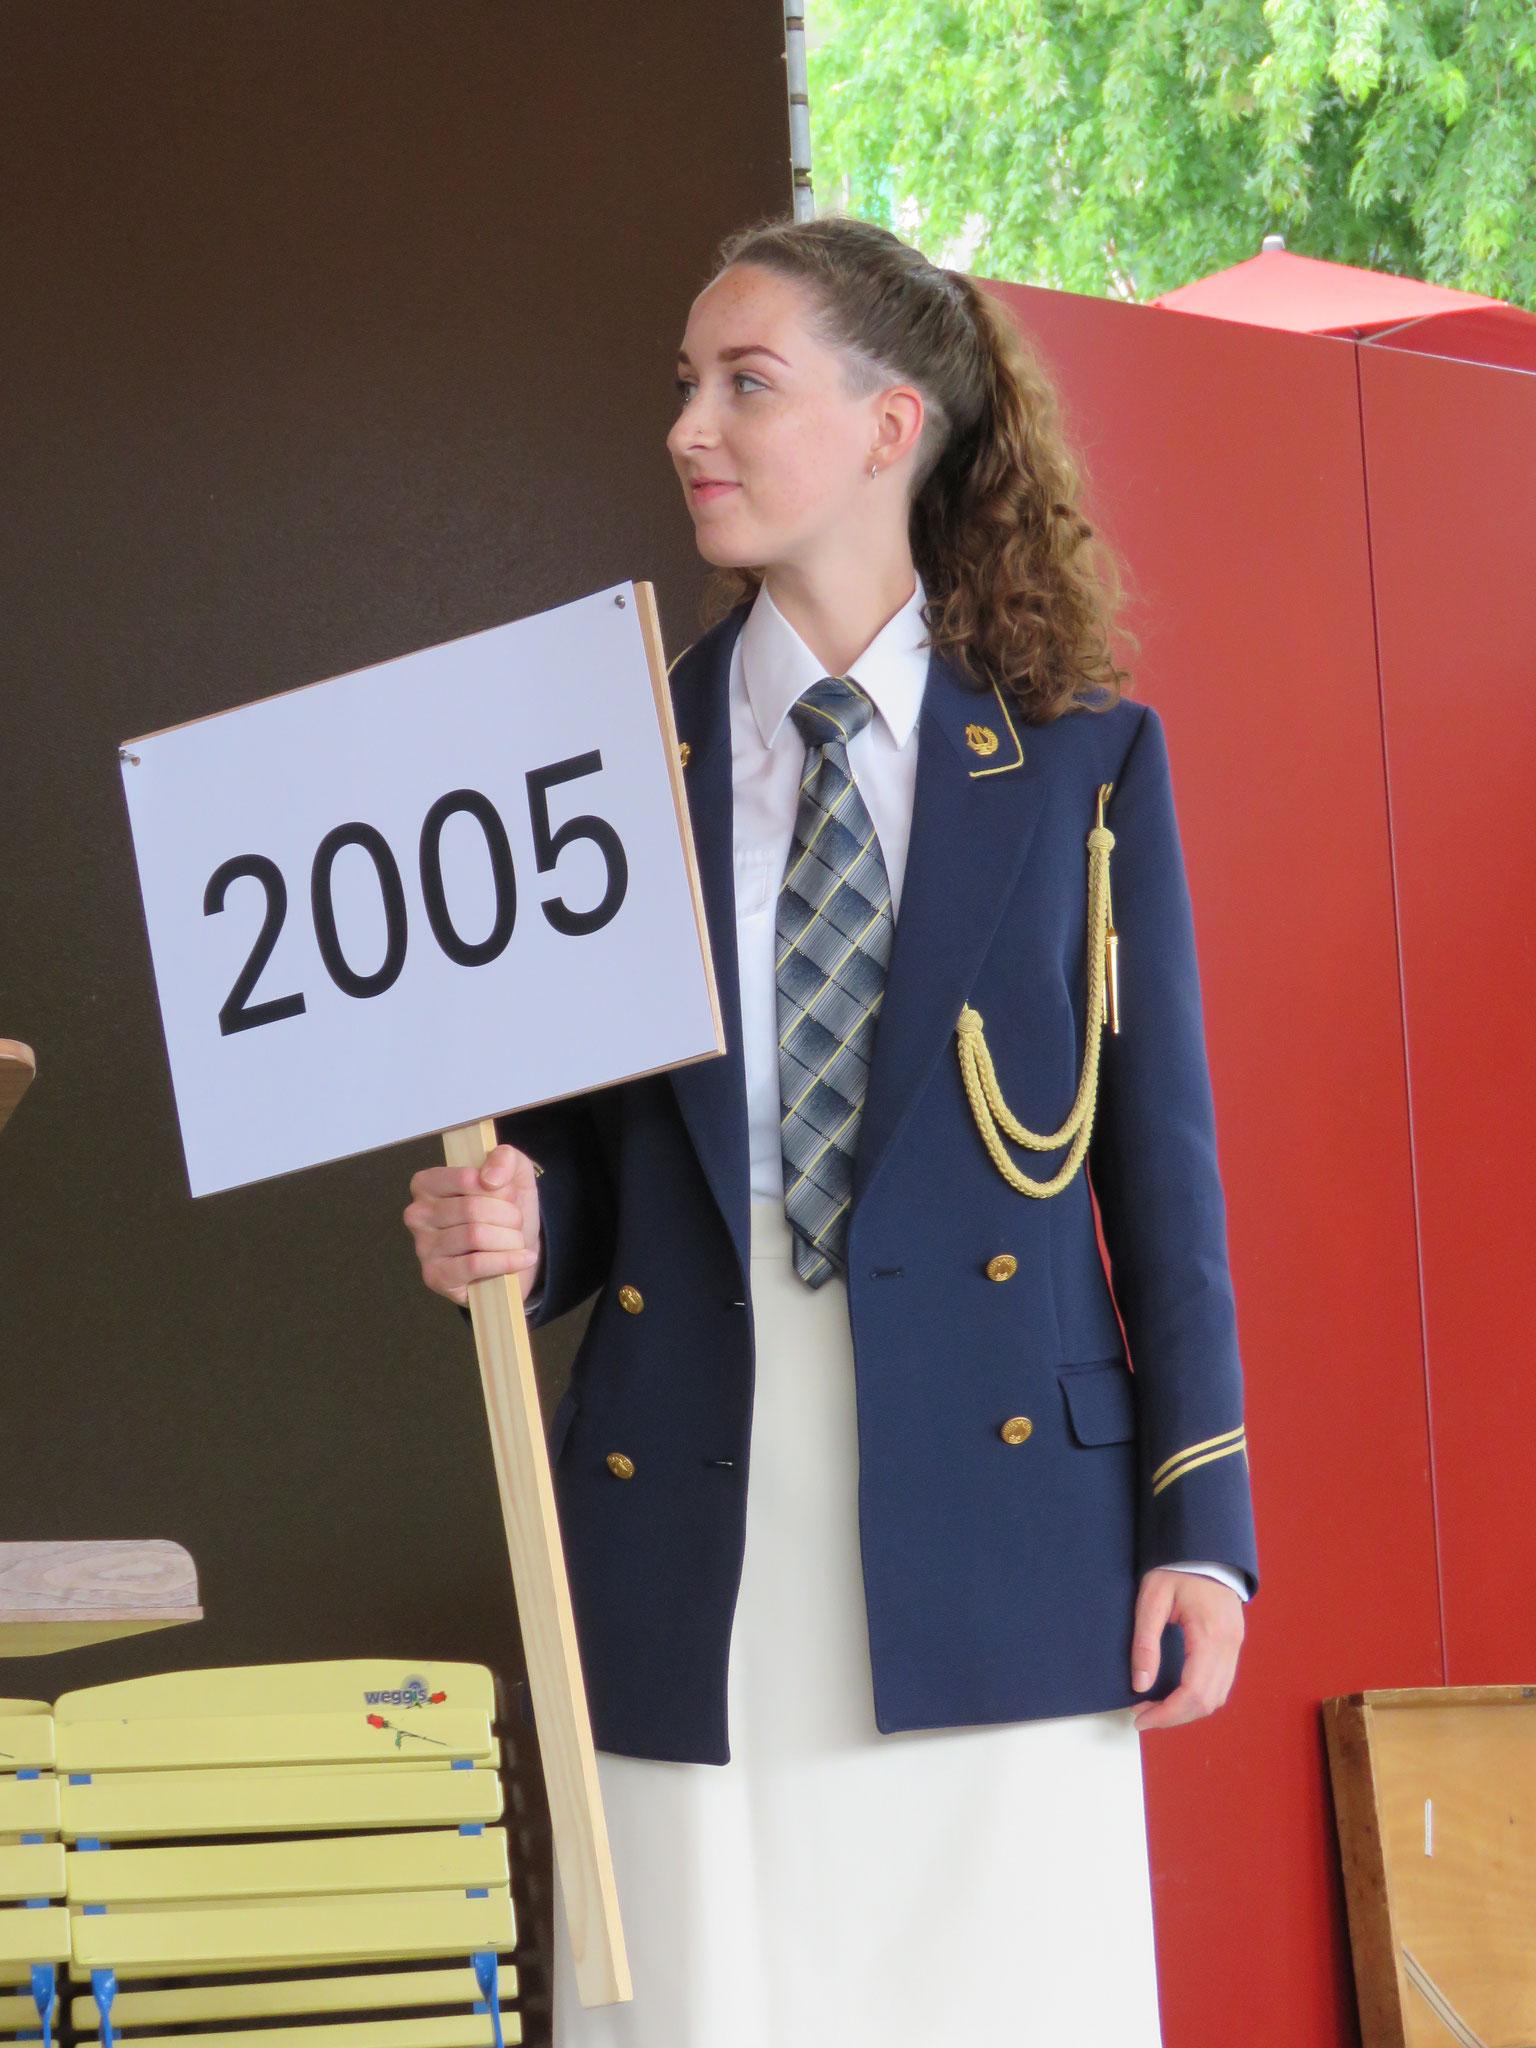 Katja Gisler präsentierte ebenfalls als Nummerngirl eine alte Uniform der Feldmusik.